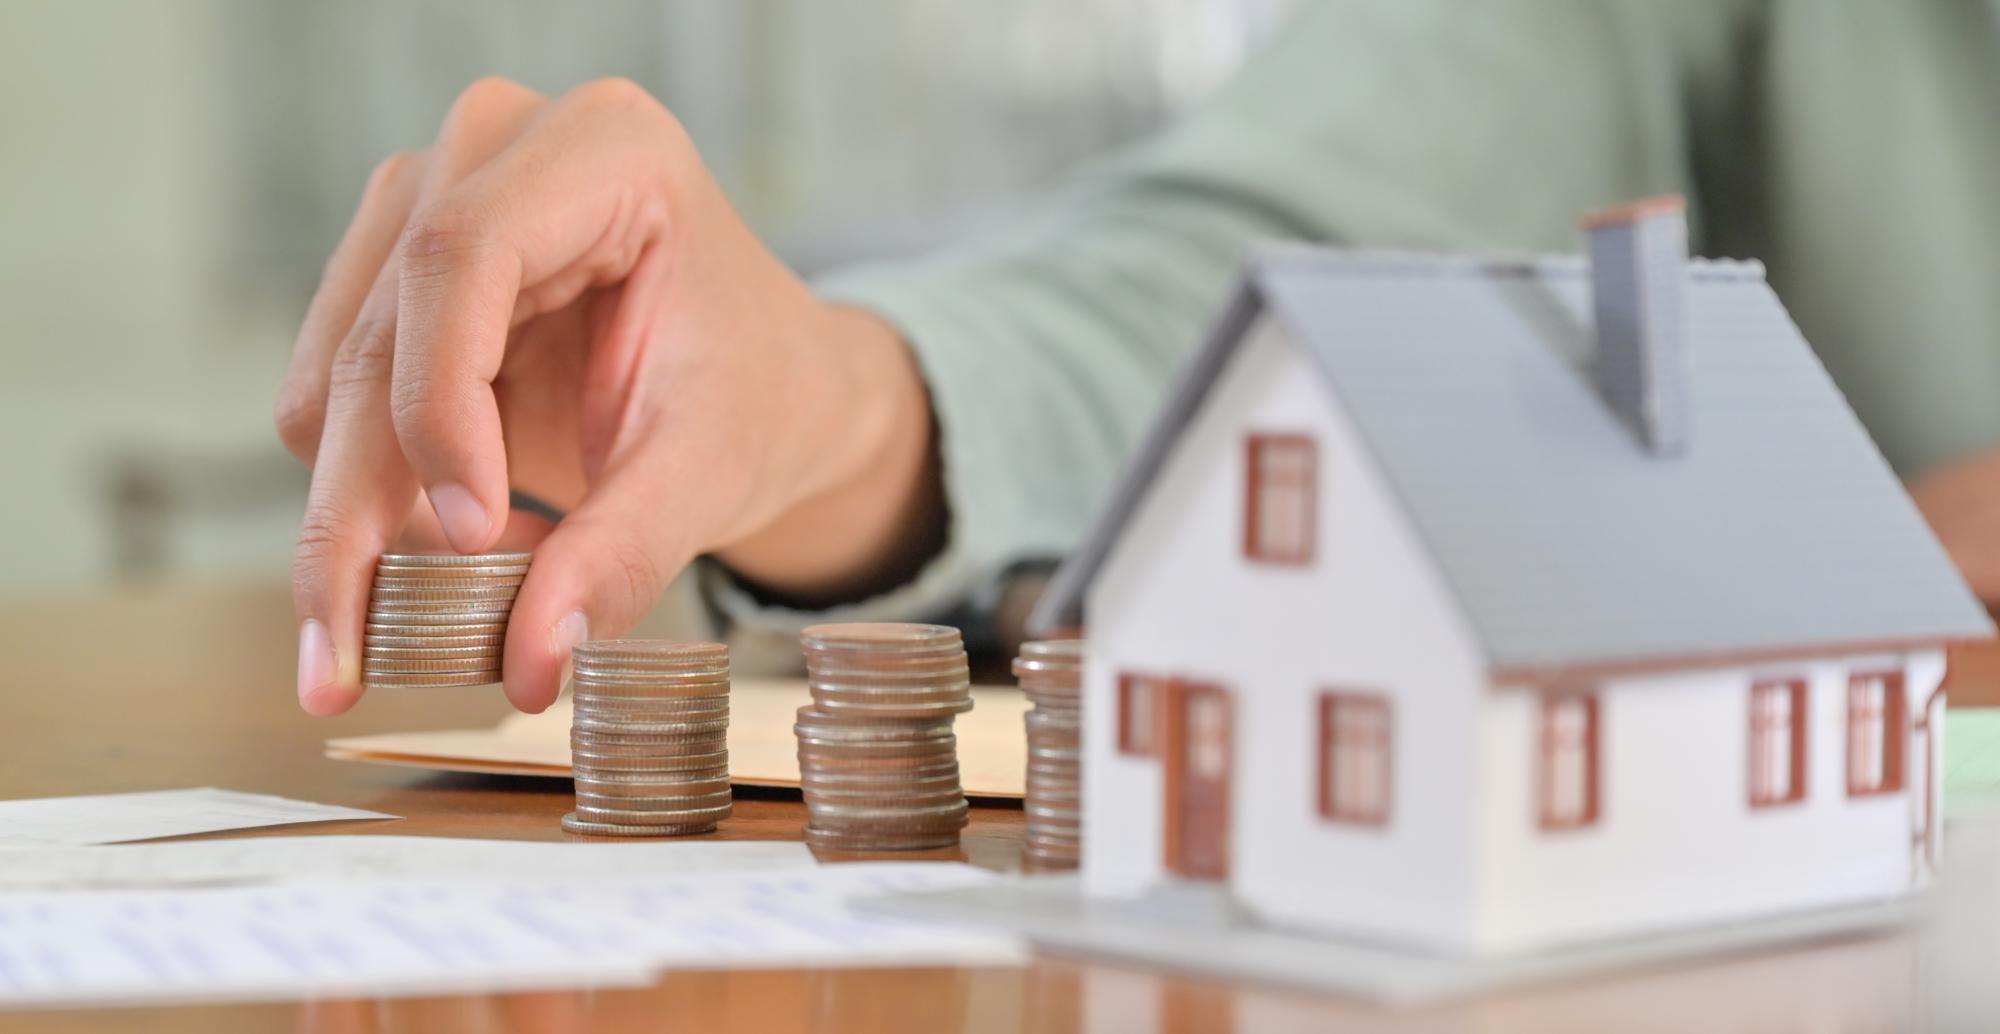 Сообщать в налоговую о своем имуществе нужно будет самостоятельно